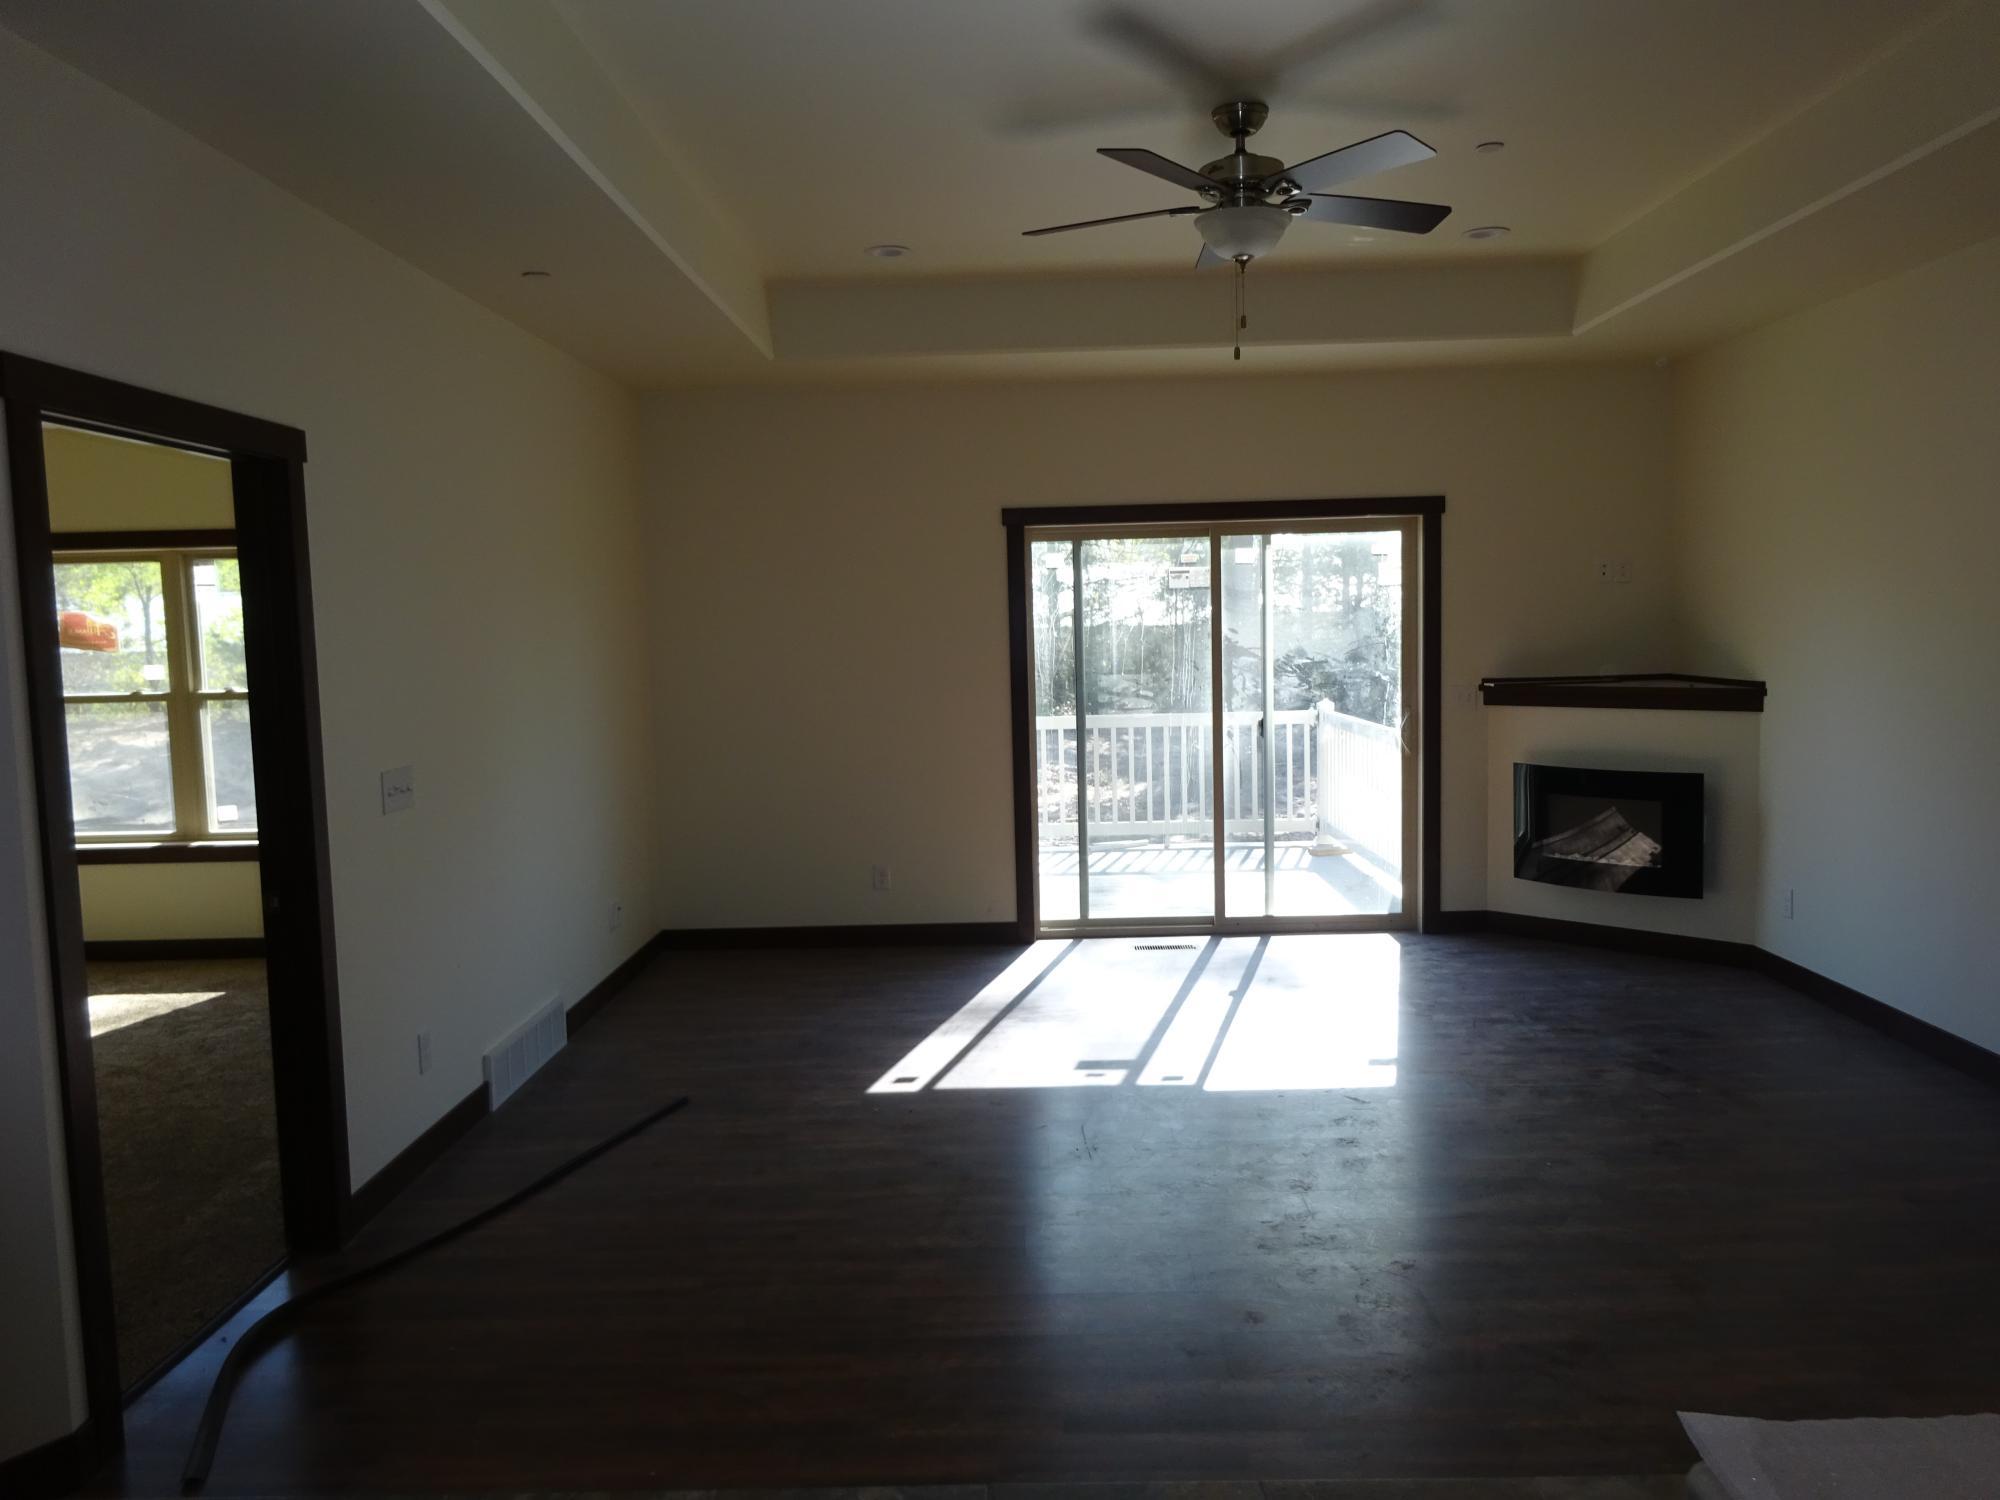 Brott Apartment Rentals Lacross wi area 1 2 3 4 Bedroom units